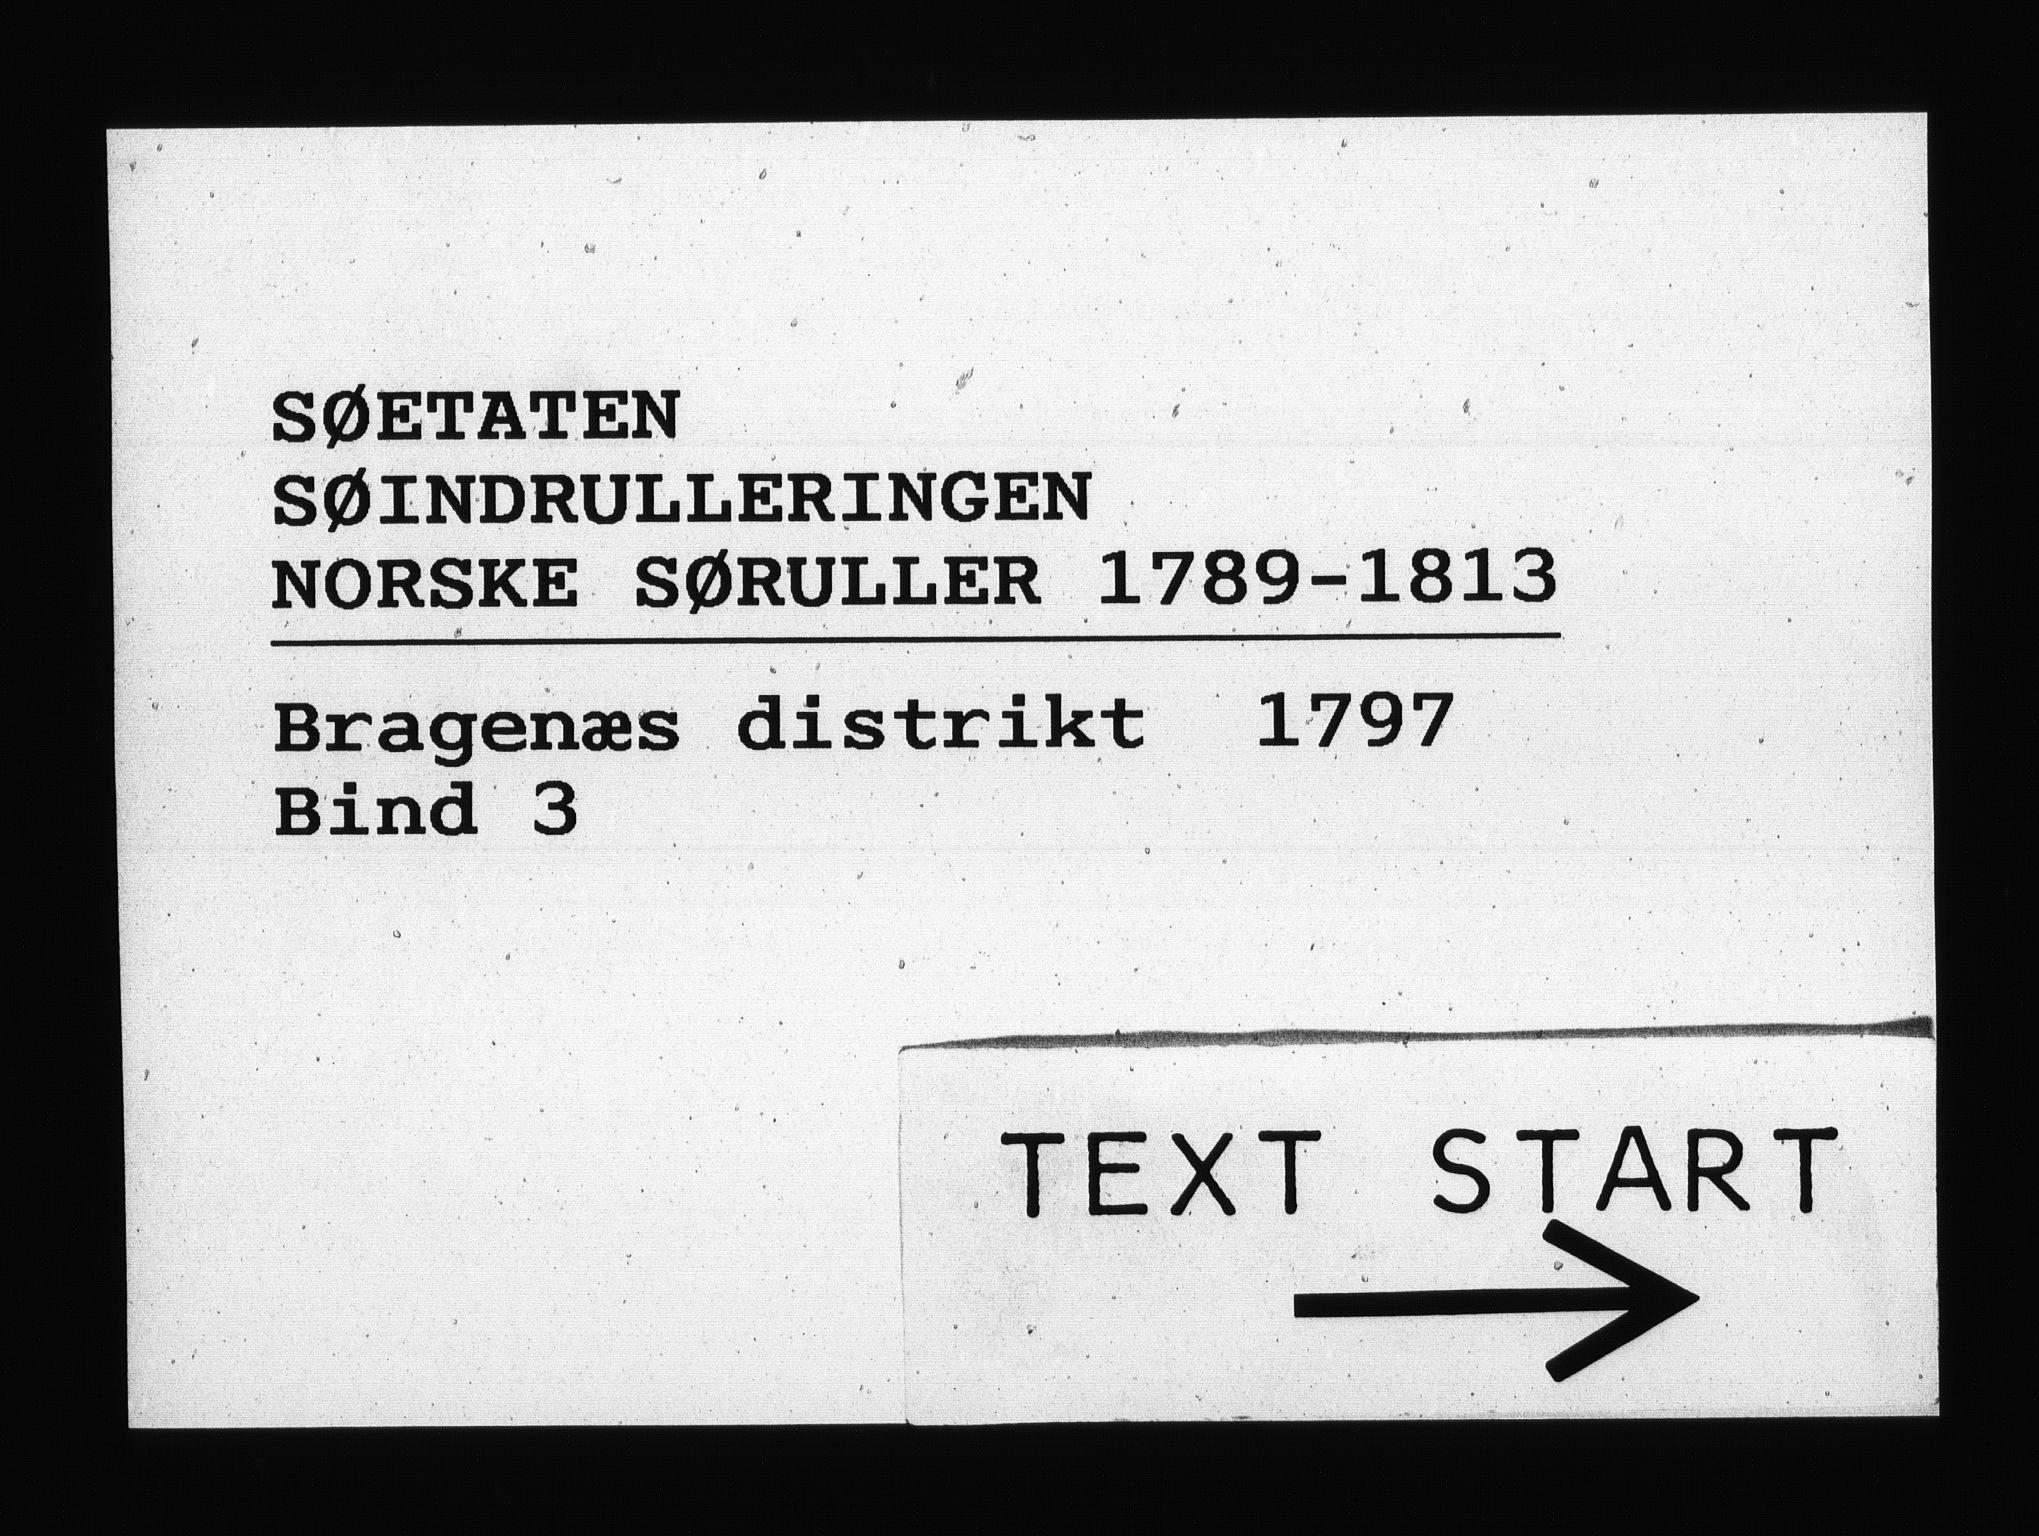 RA, Sjøetaten, F/L0122: Bragernes distrikt, bind 3, 1797